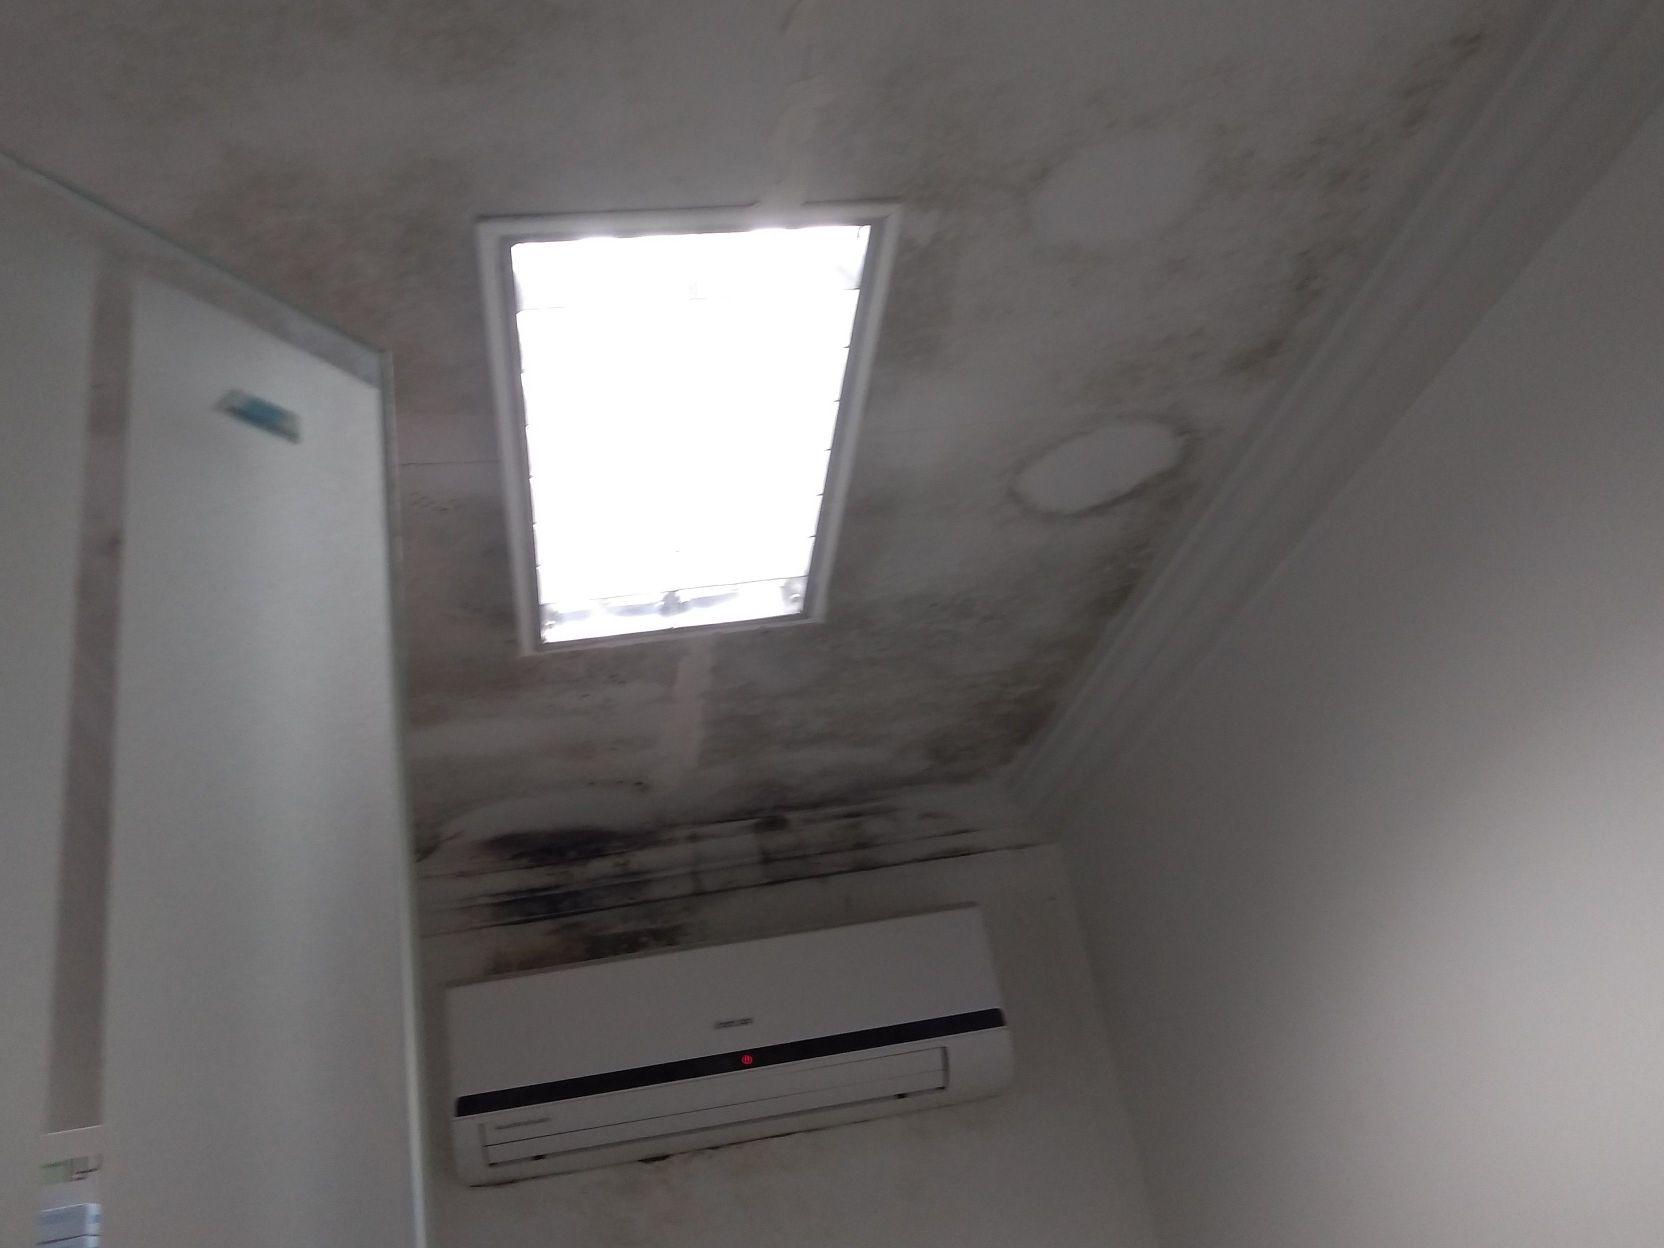 remoção de mofo no teto